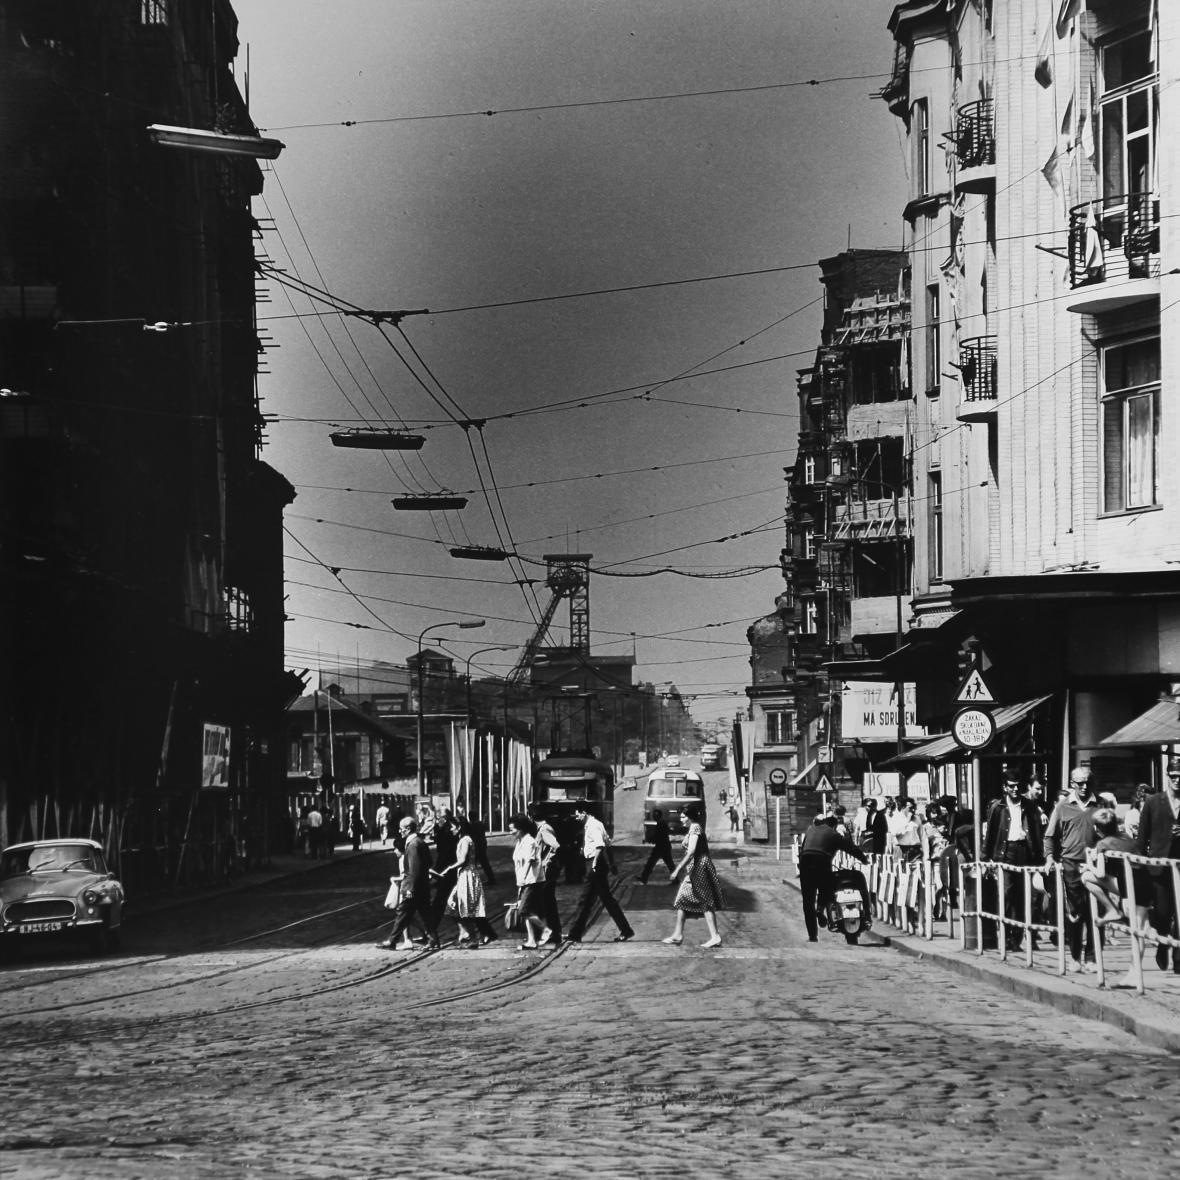 Pohled ulicí 28. října před rokem 1989